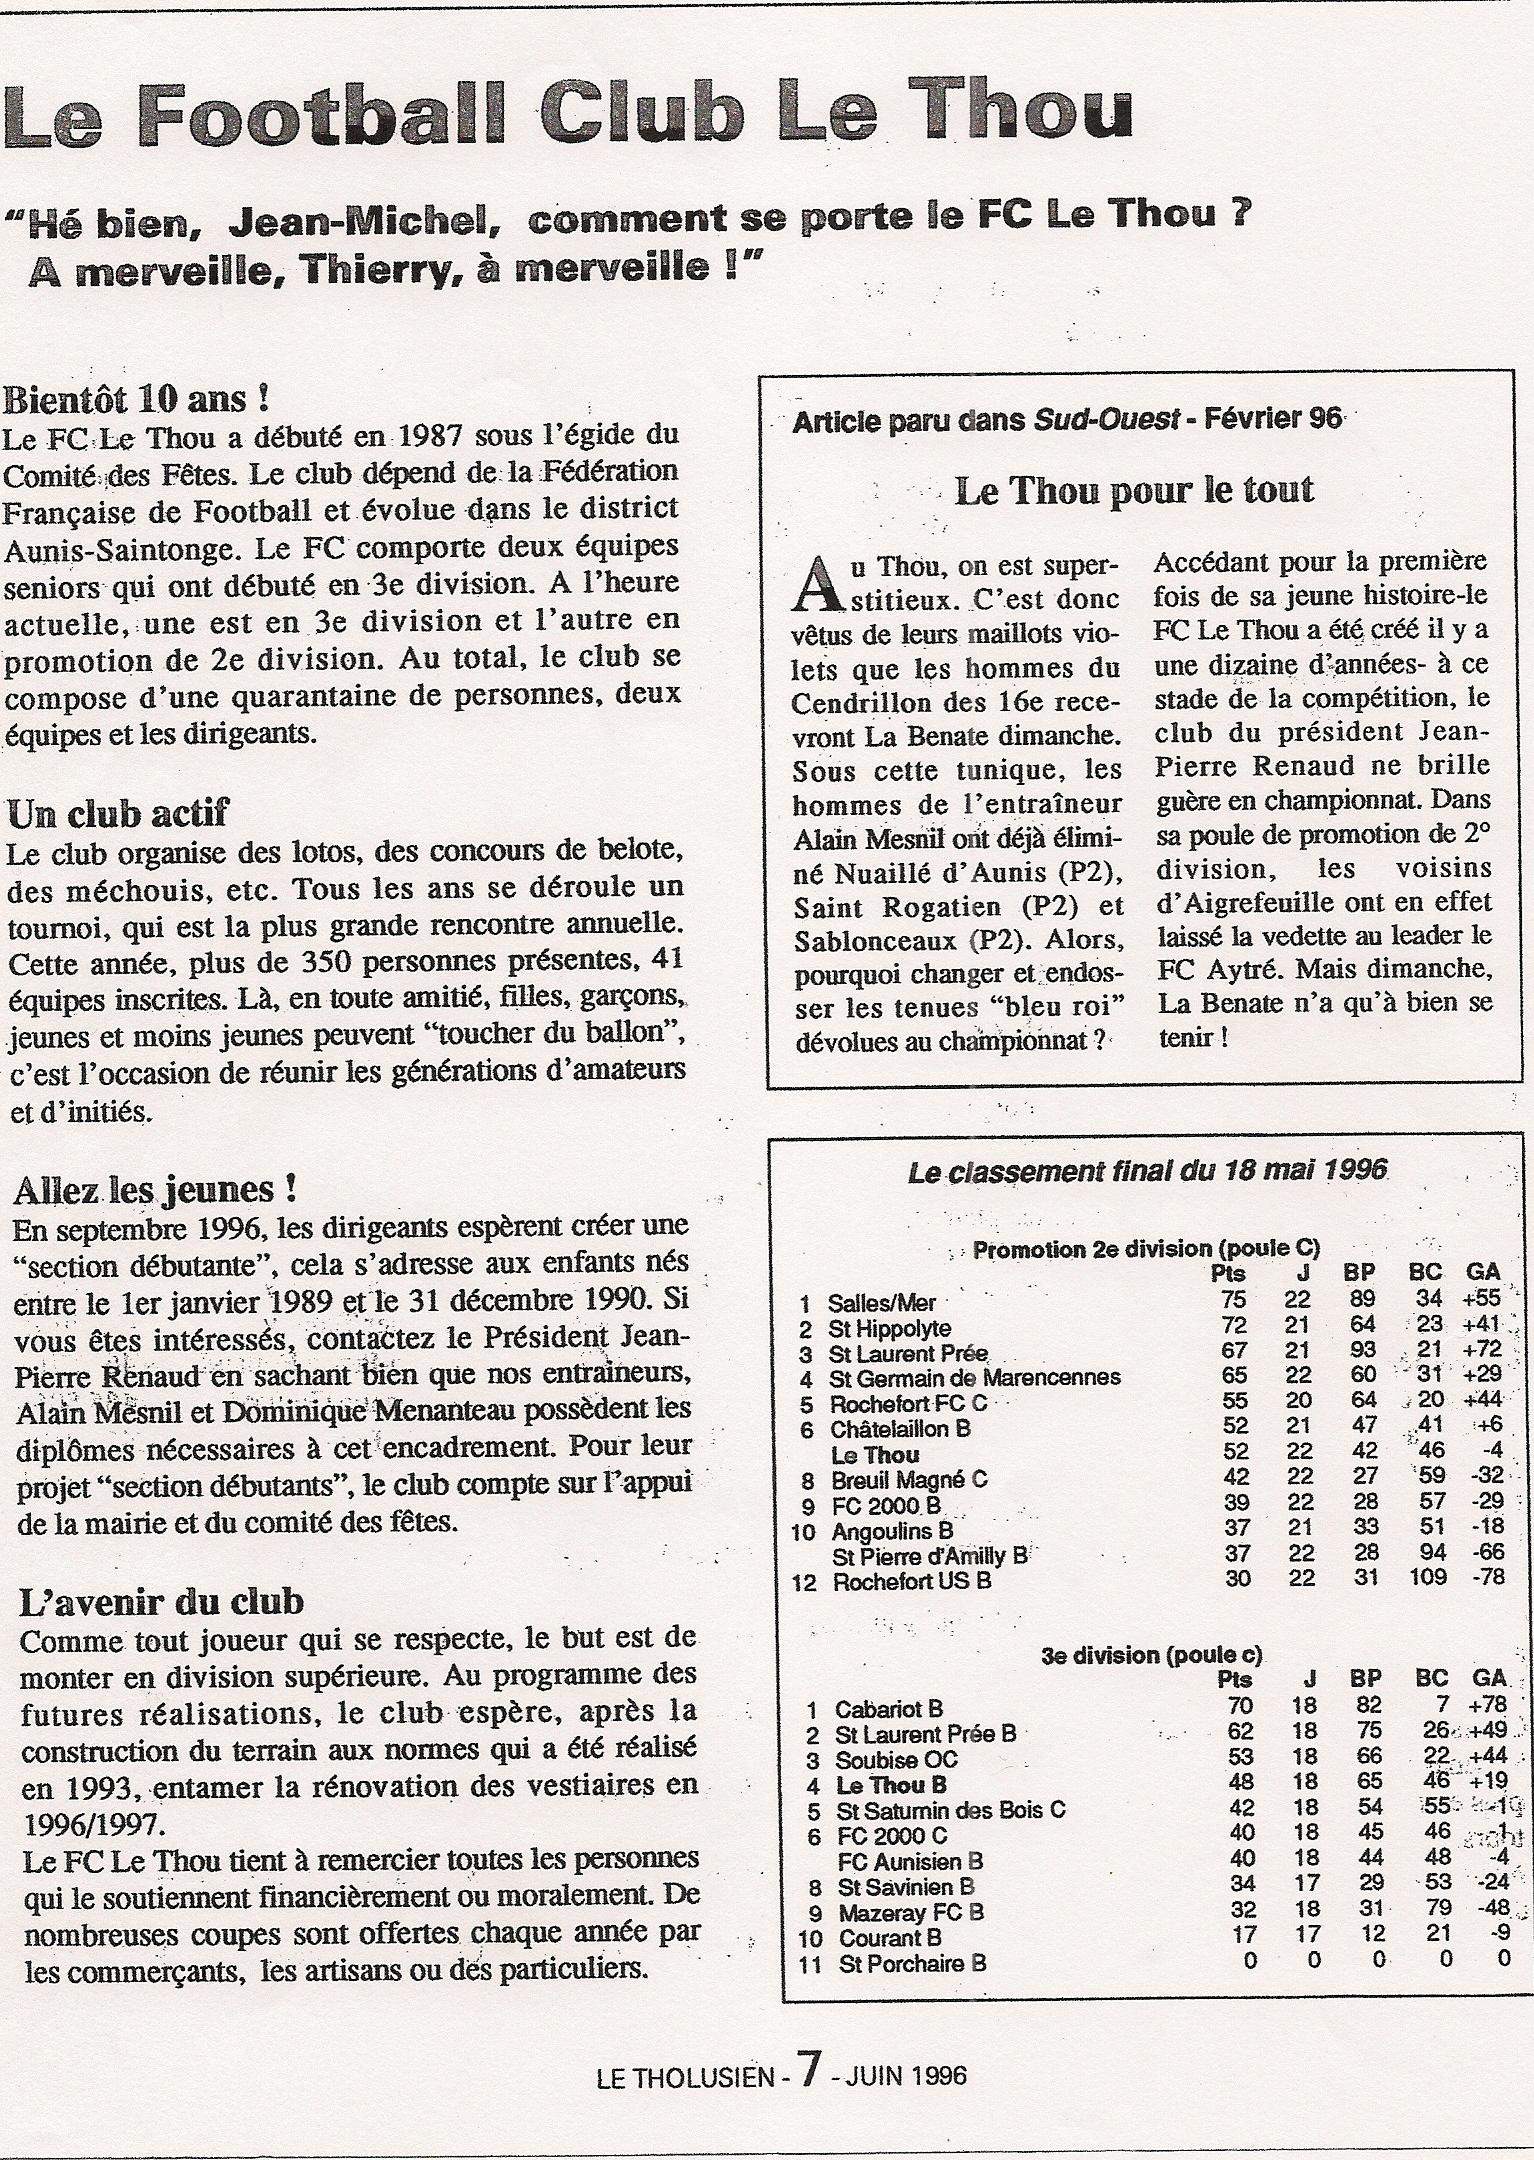 Article du 7 juin 1996